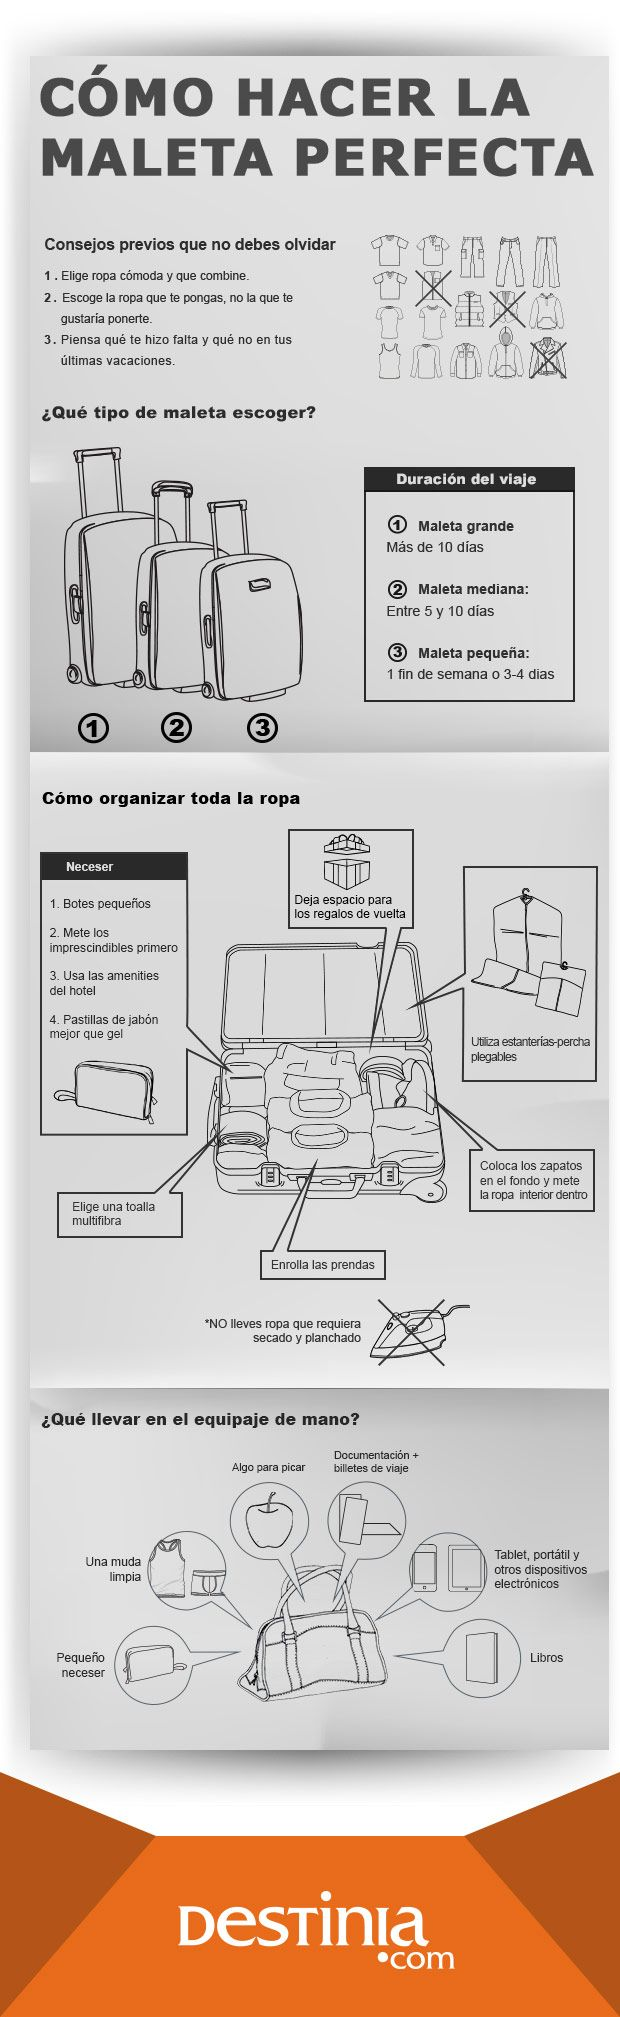 Aprende a organizar tu maleta y evita contratiempos o extravíos